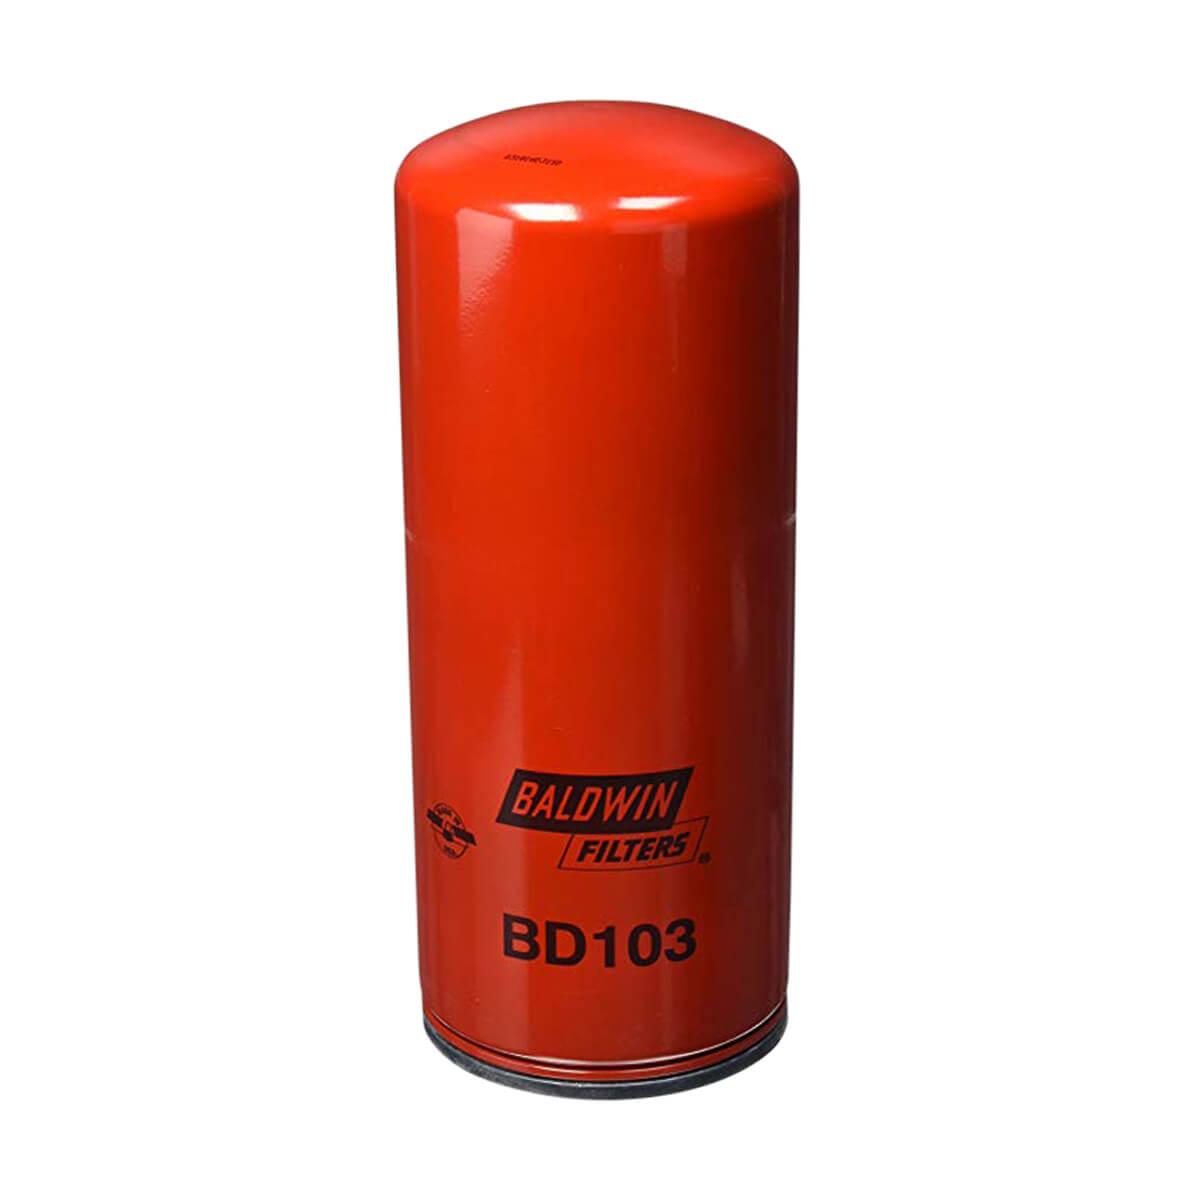 Baldwin BD103 Filter